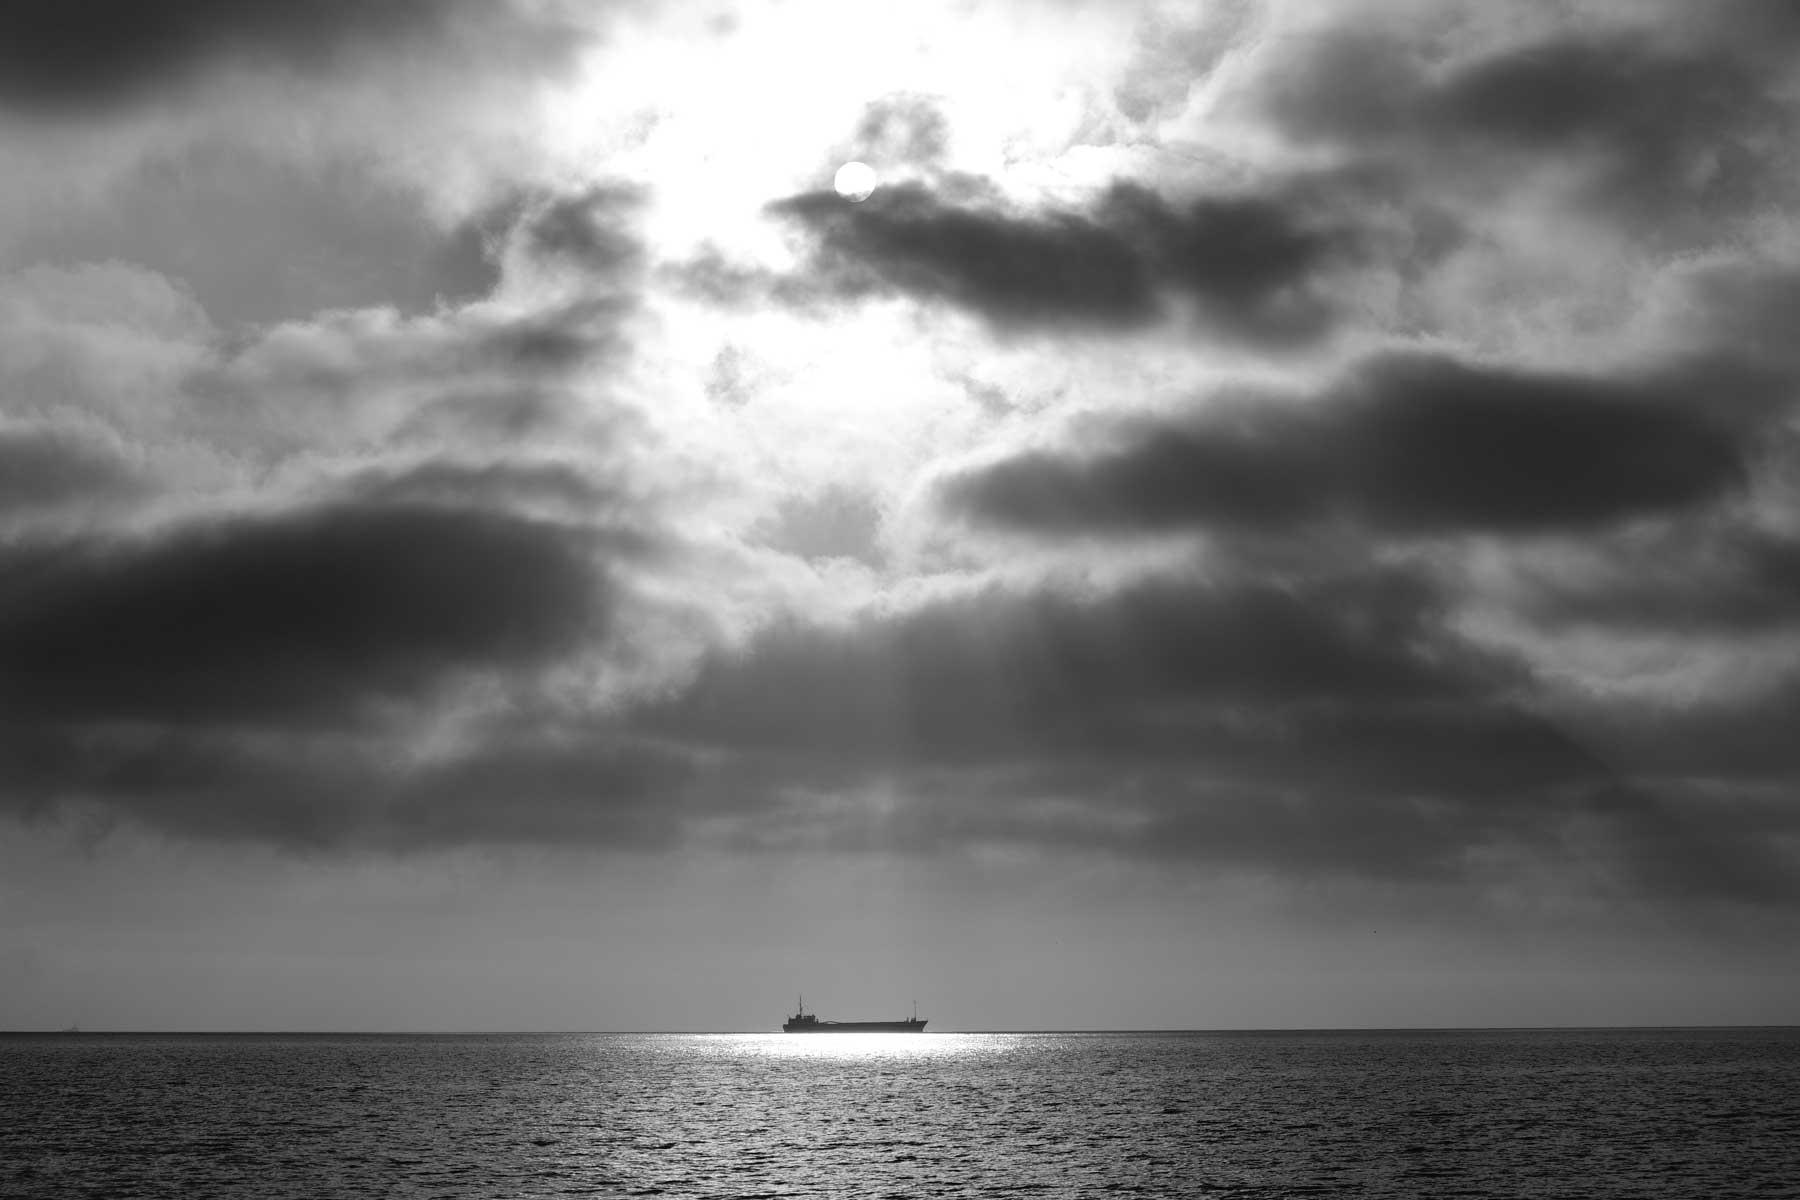 Ein Schiff auf dem Meer